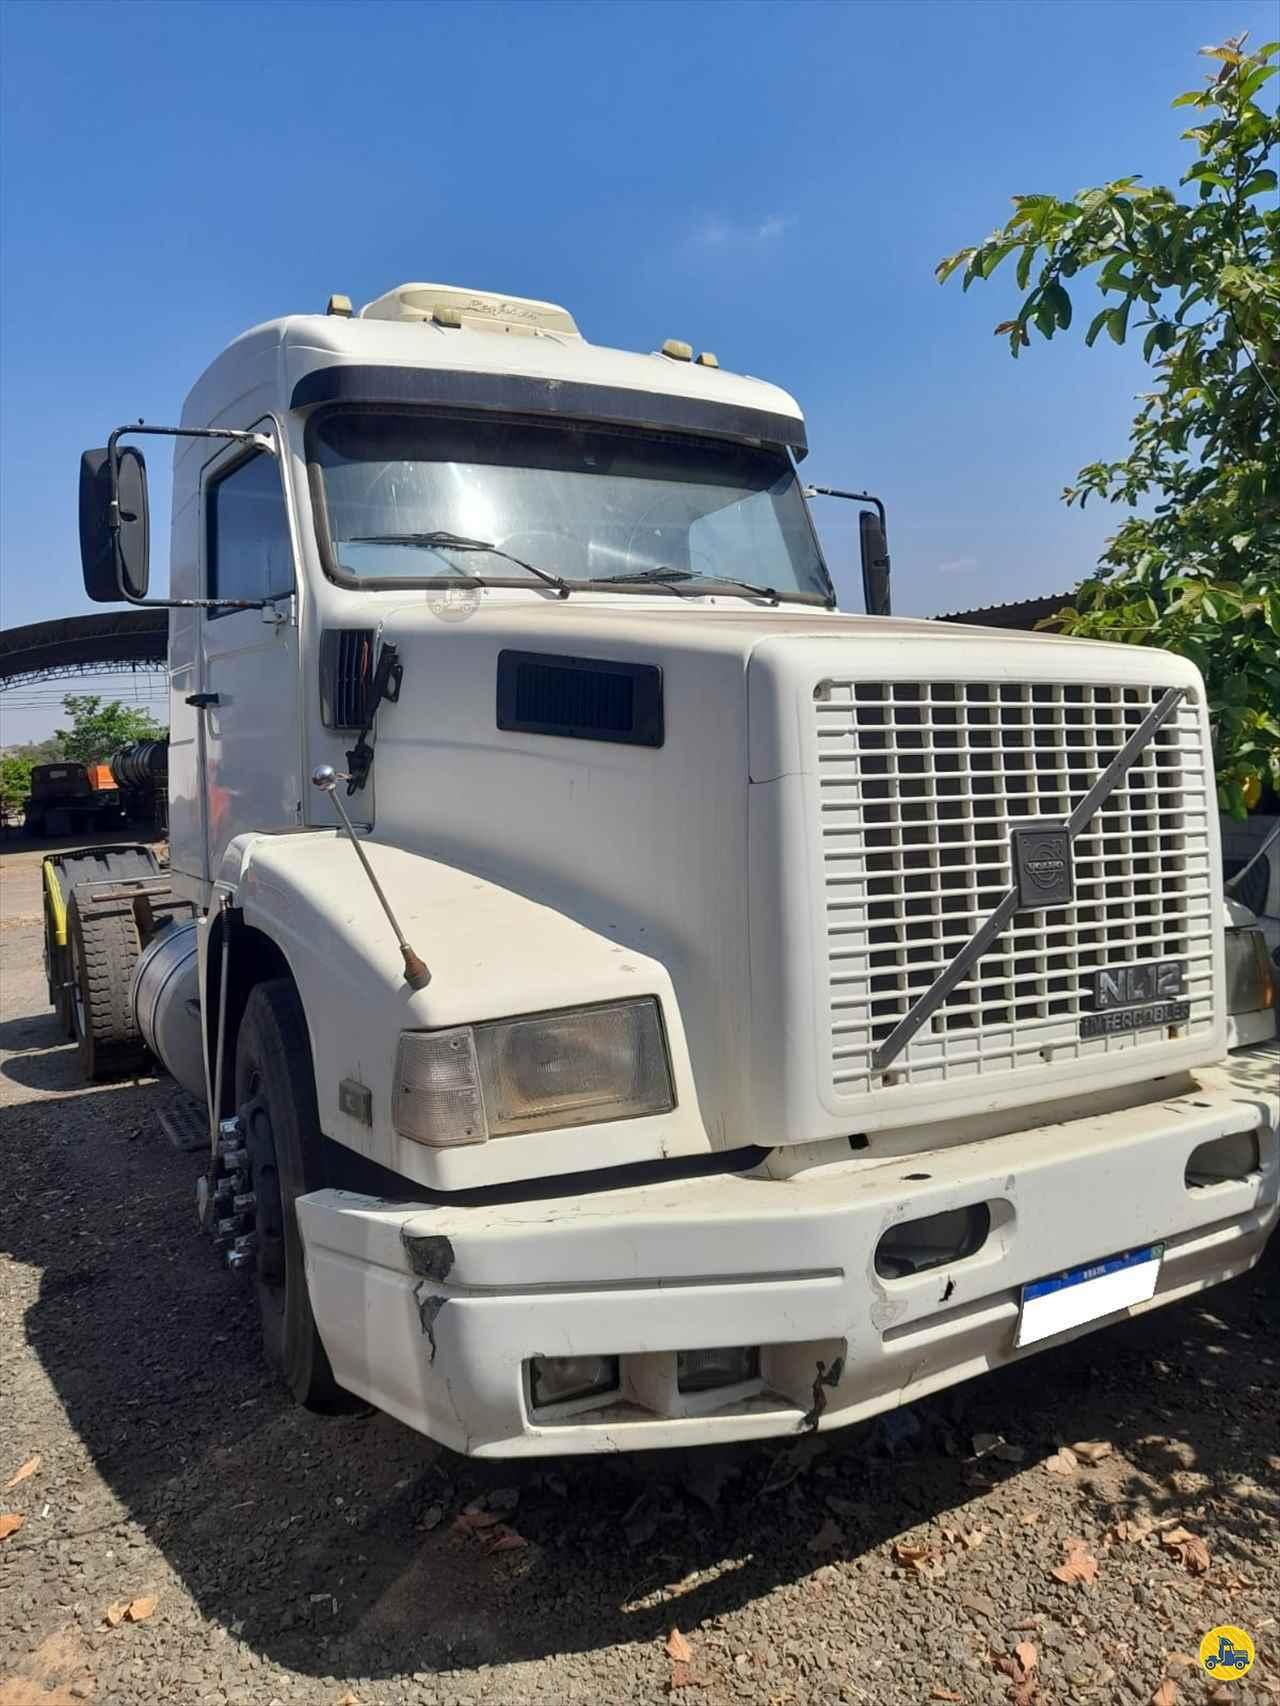 CAMINHAO VOLVO VOLVO NL12 360 Guincho Munck Truck 6x2 Leque Caminhões  PIRACICABA SÃO PAULO SP